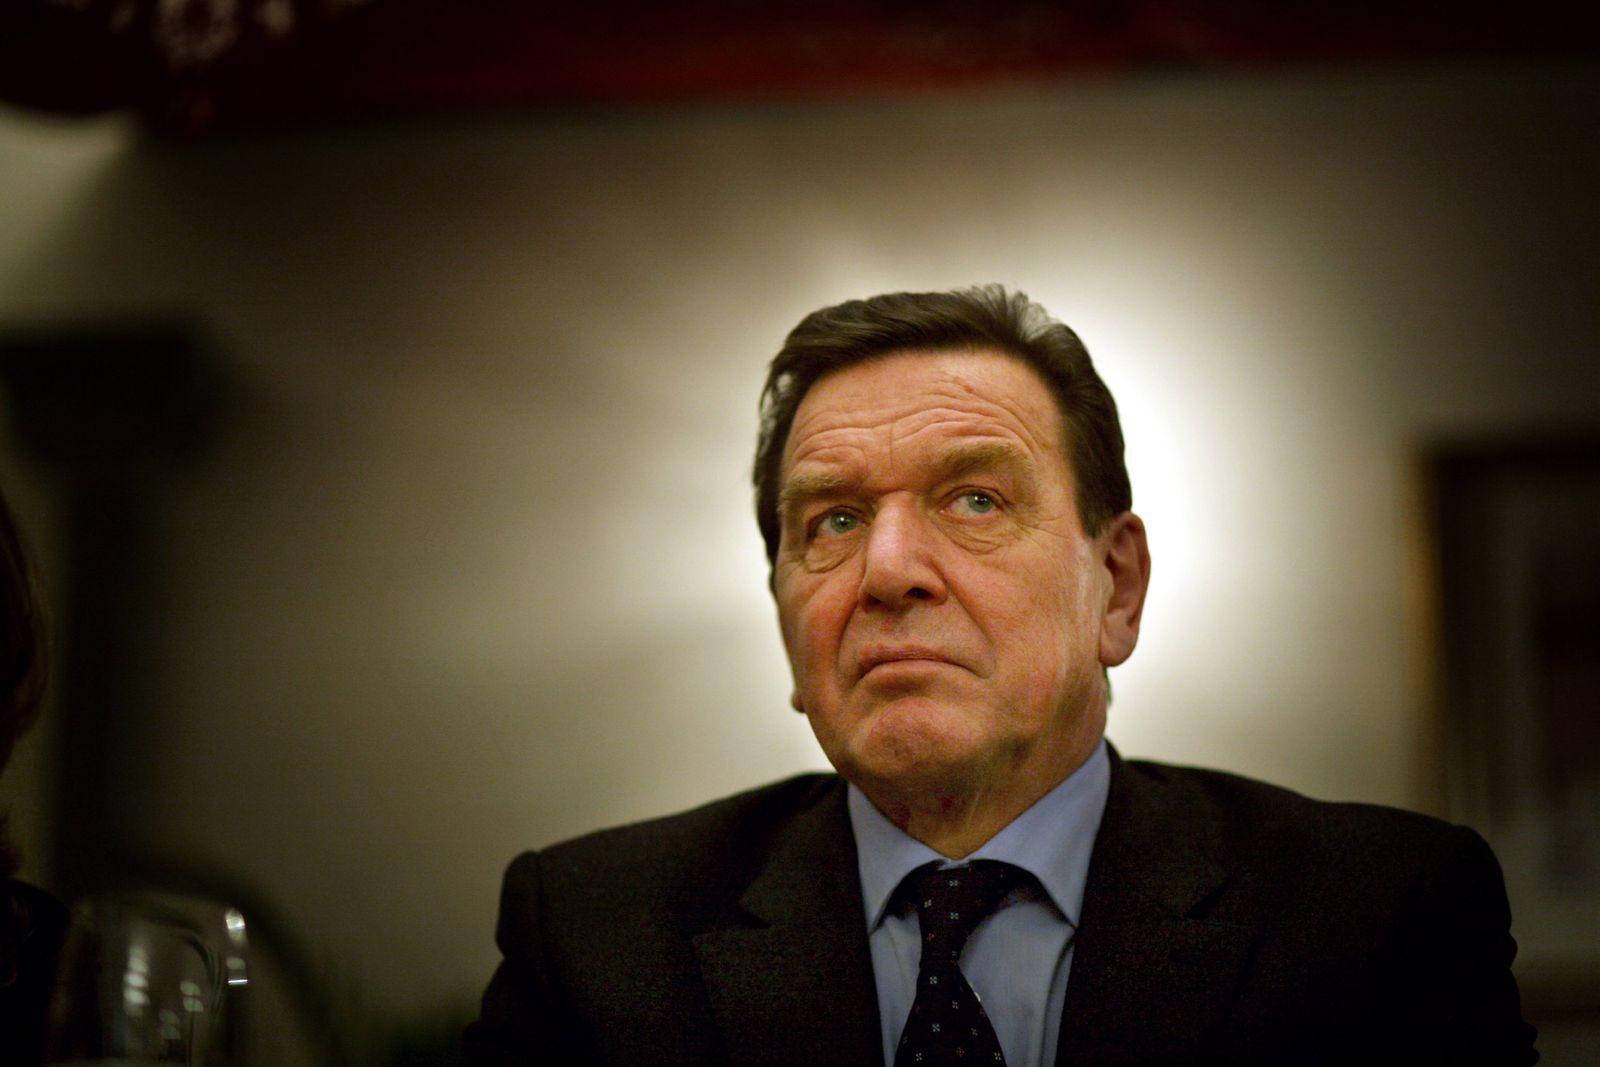 THEMEN Gerhard Schröder